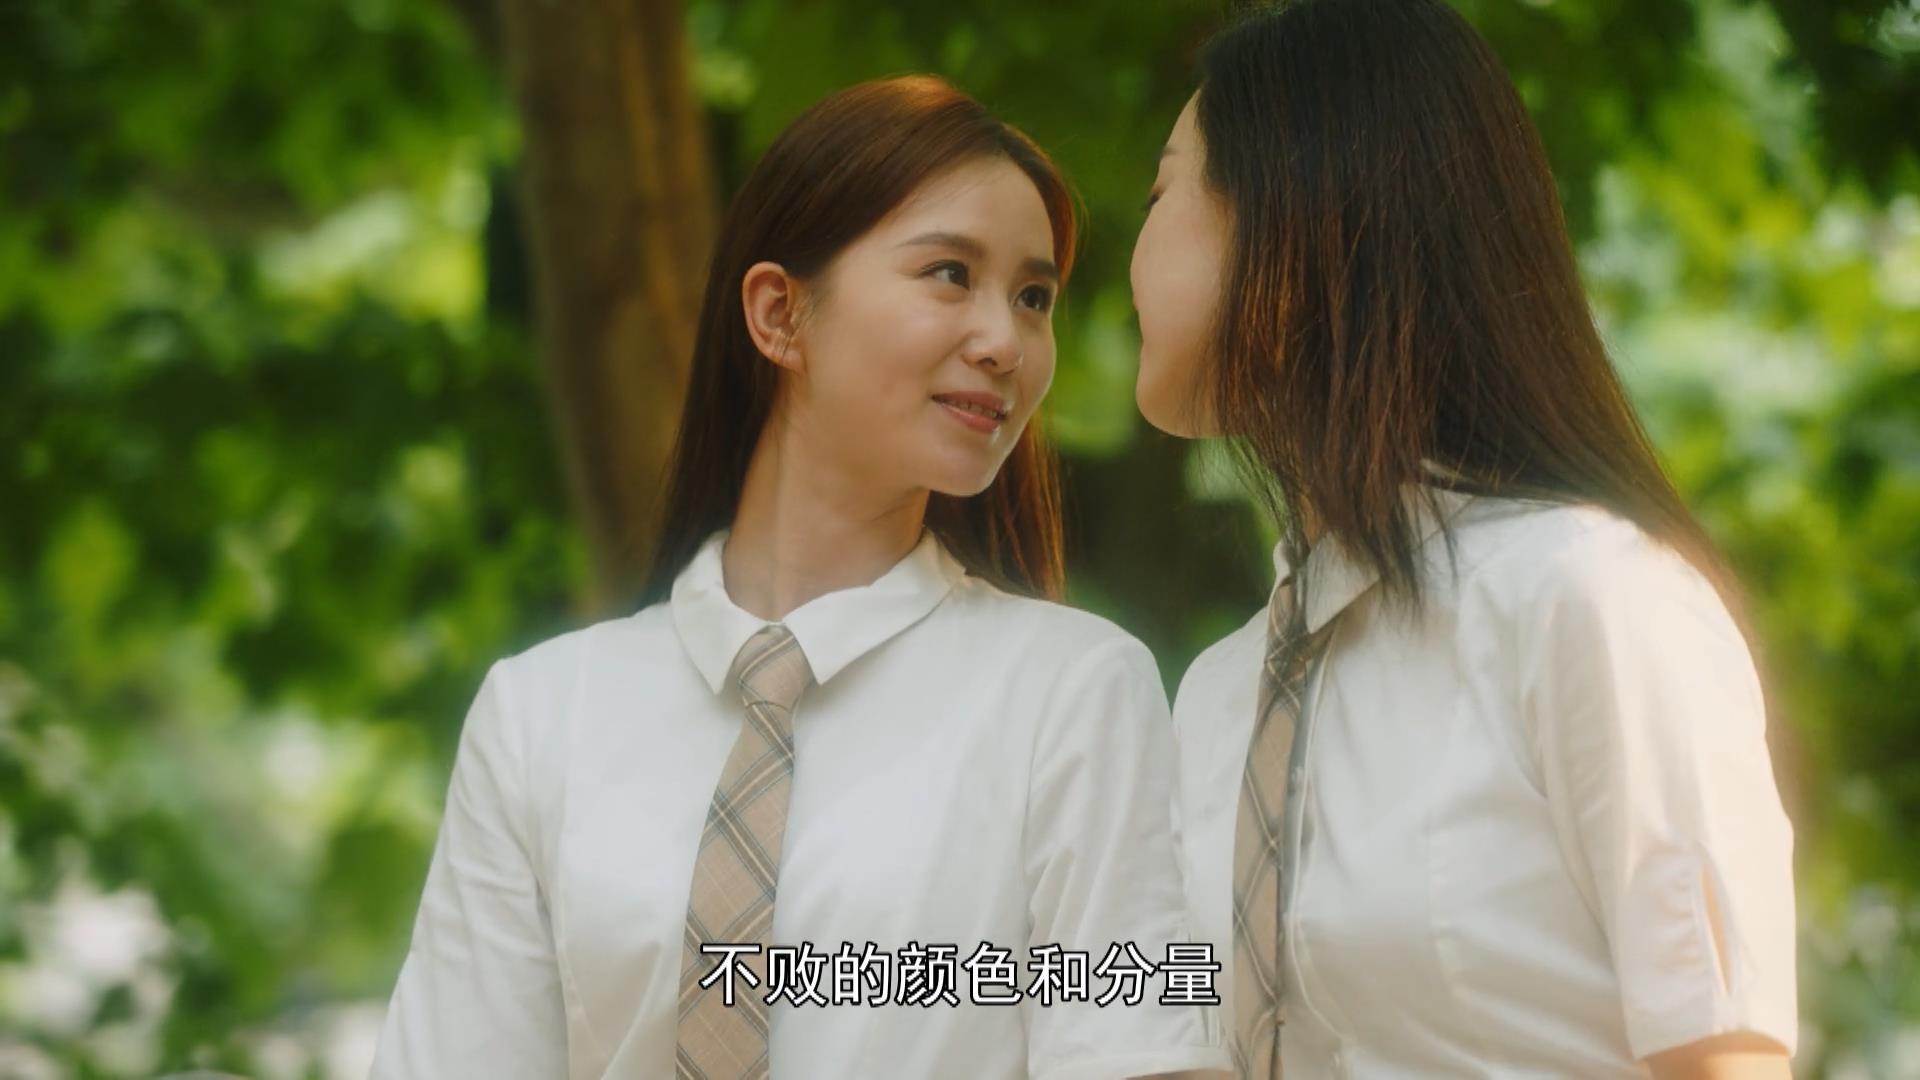 《流金岁月》:女孩儿当如蒋南孙